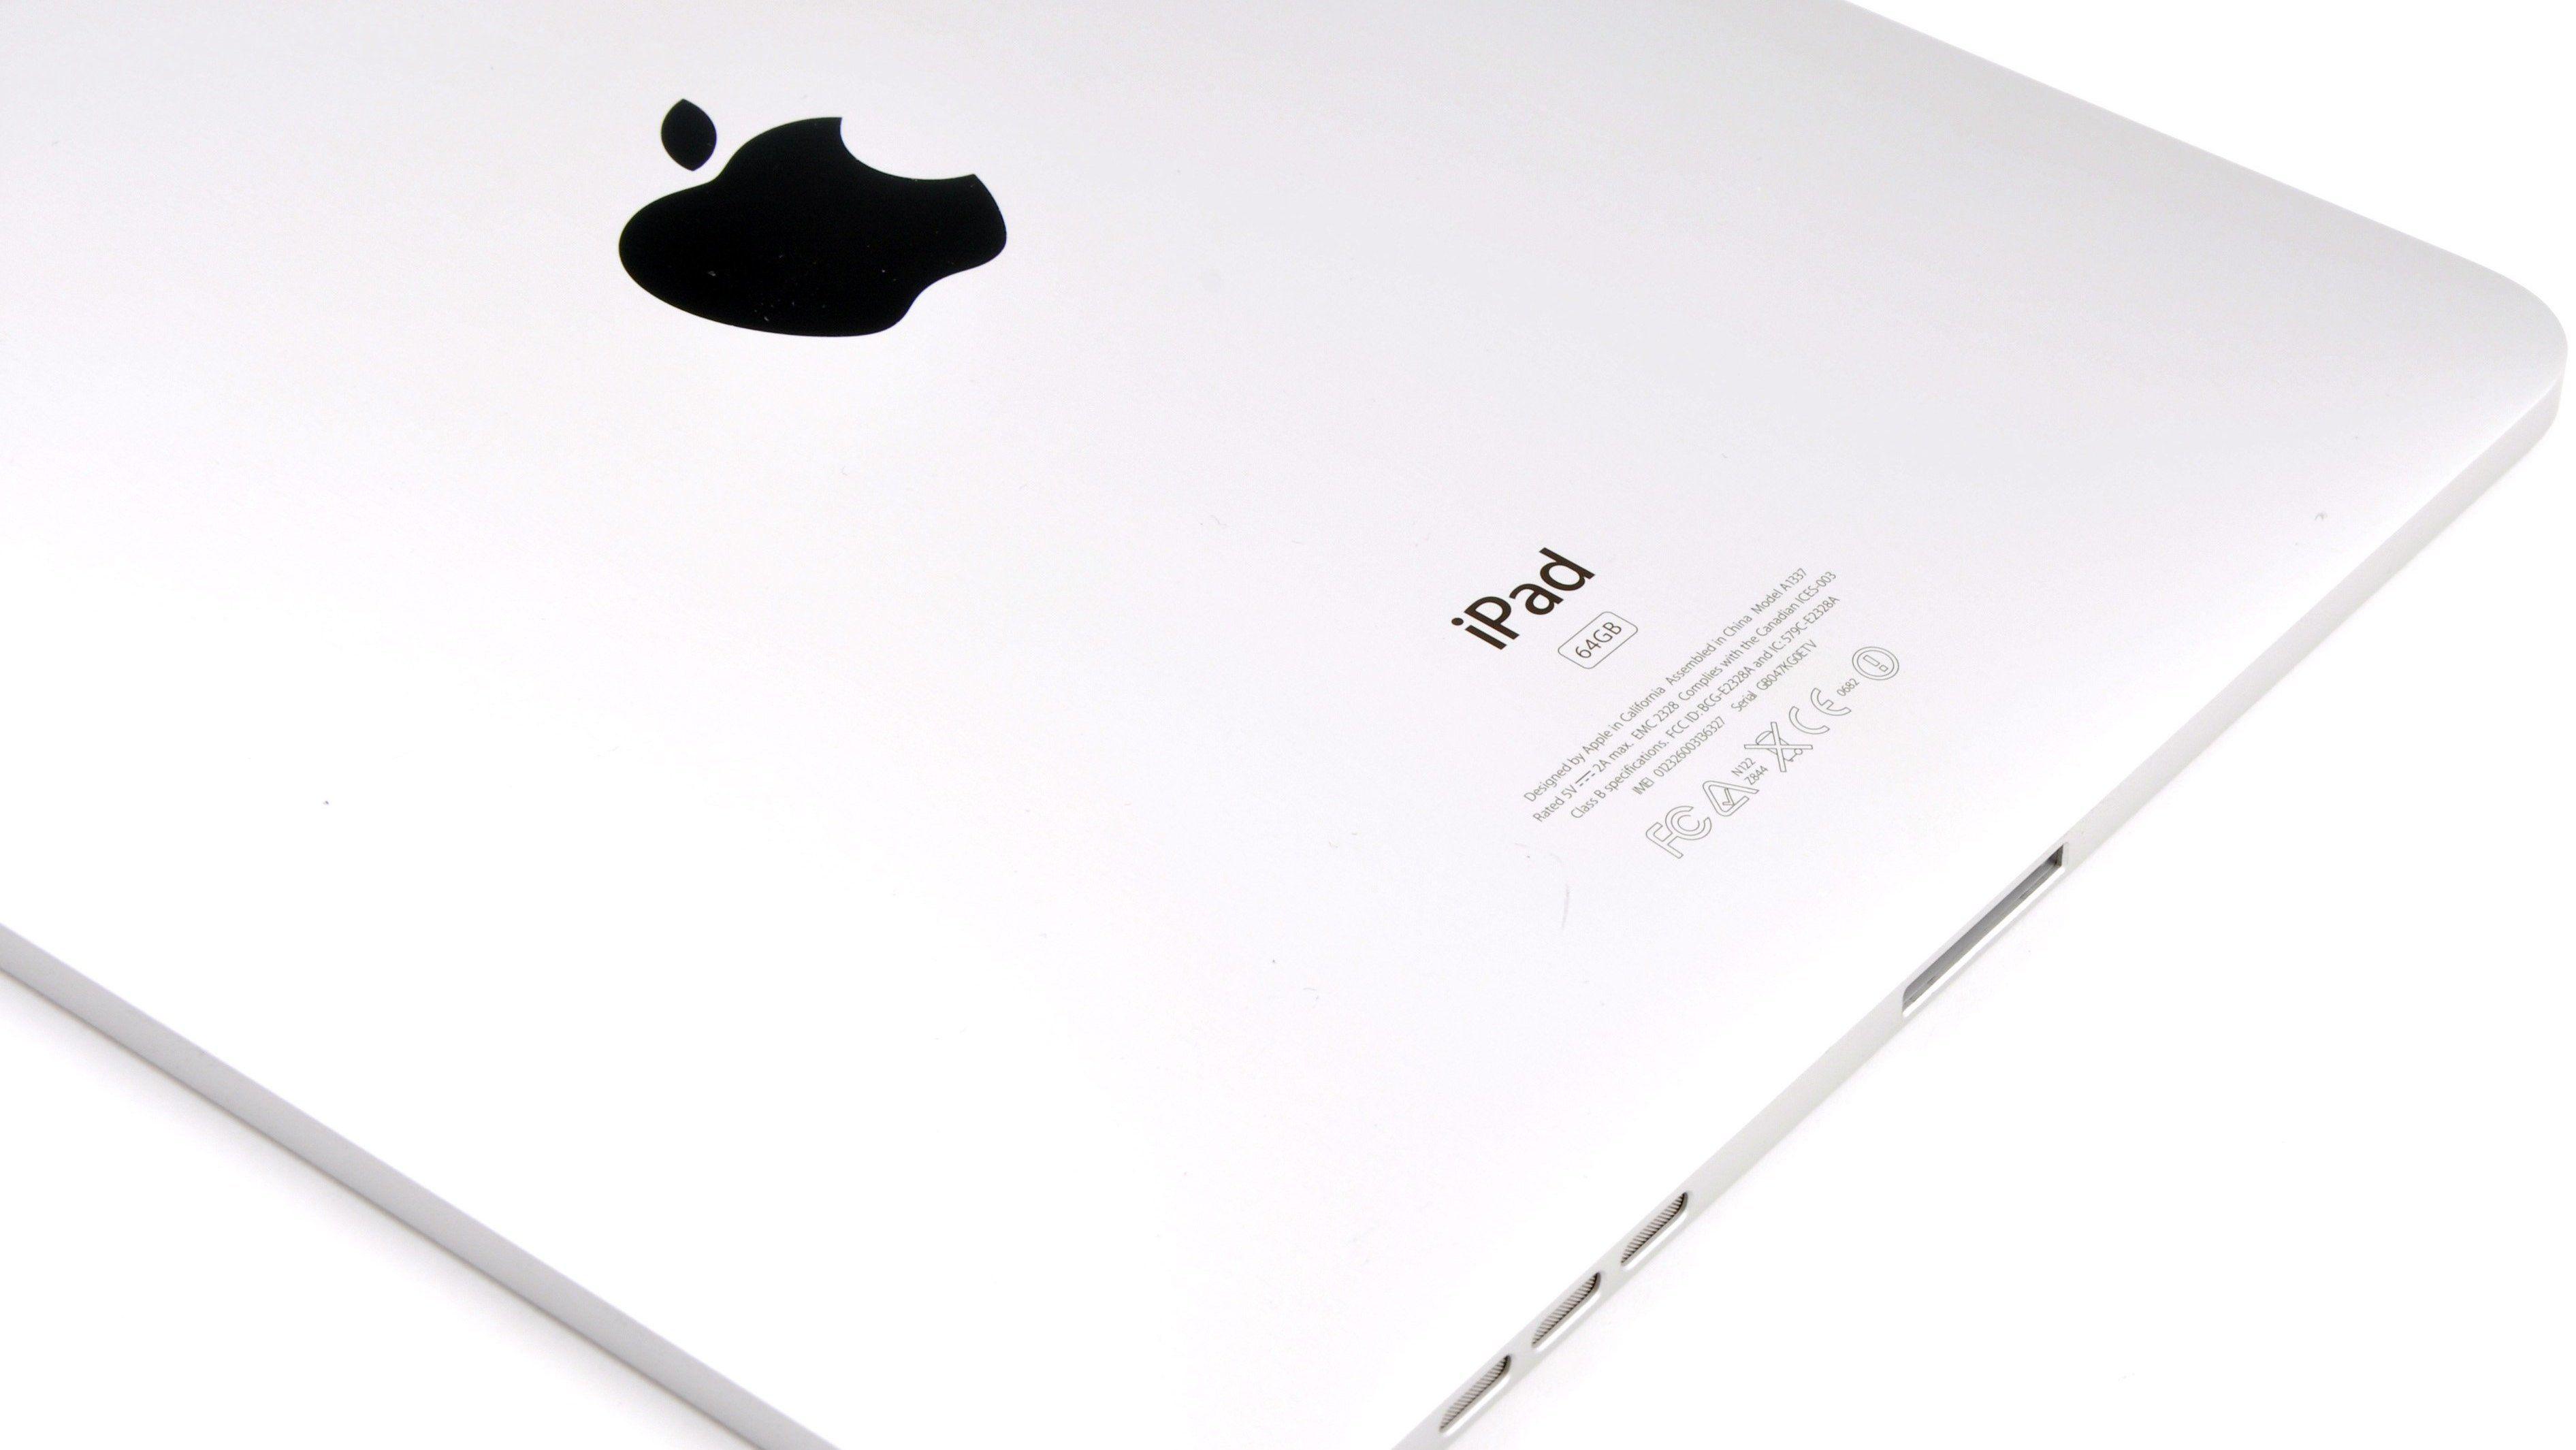 Baksiden av den originale iPaden levner ingen tvil om hvem som har vært på ferde.